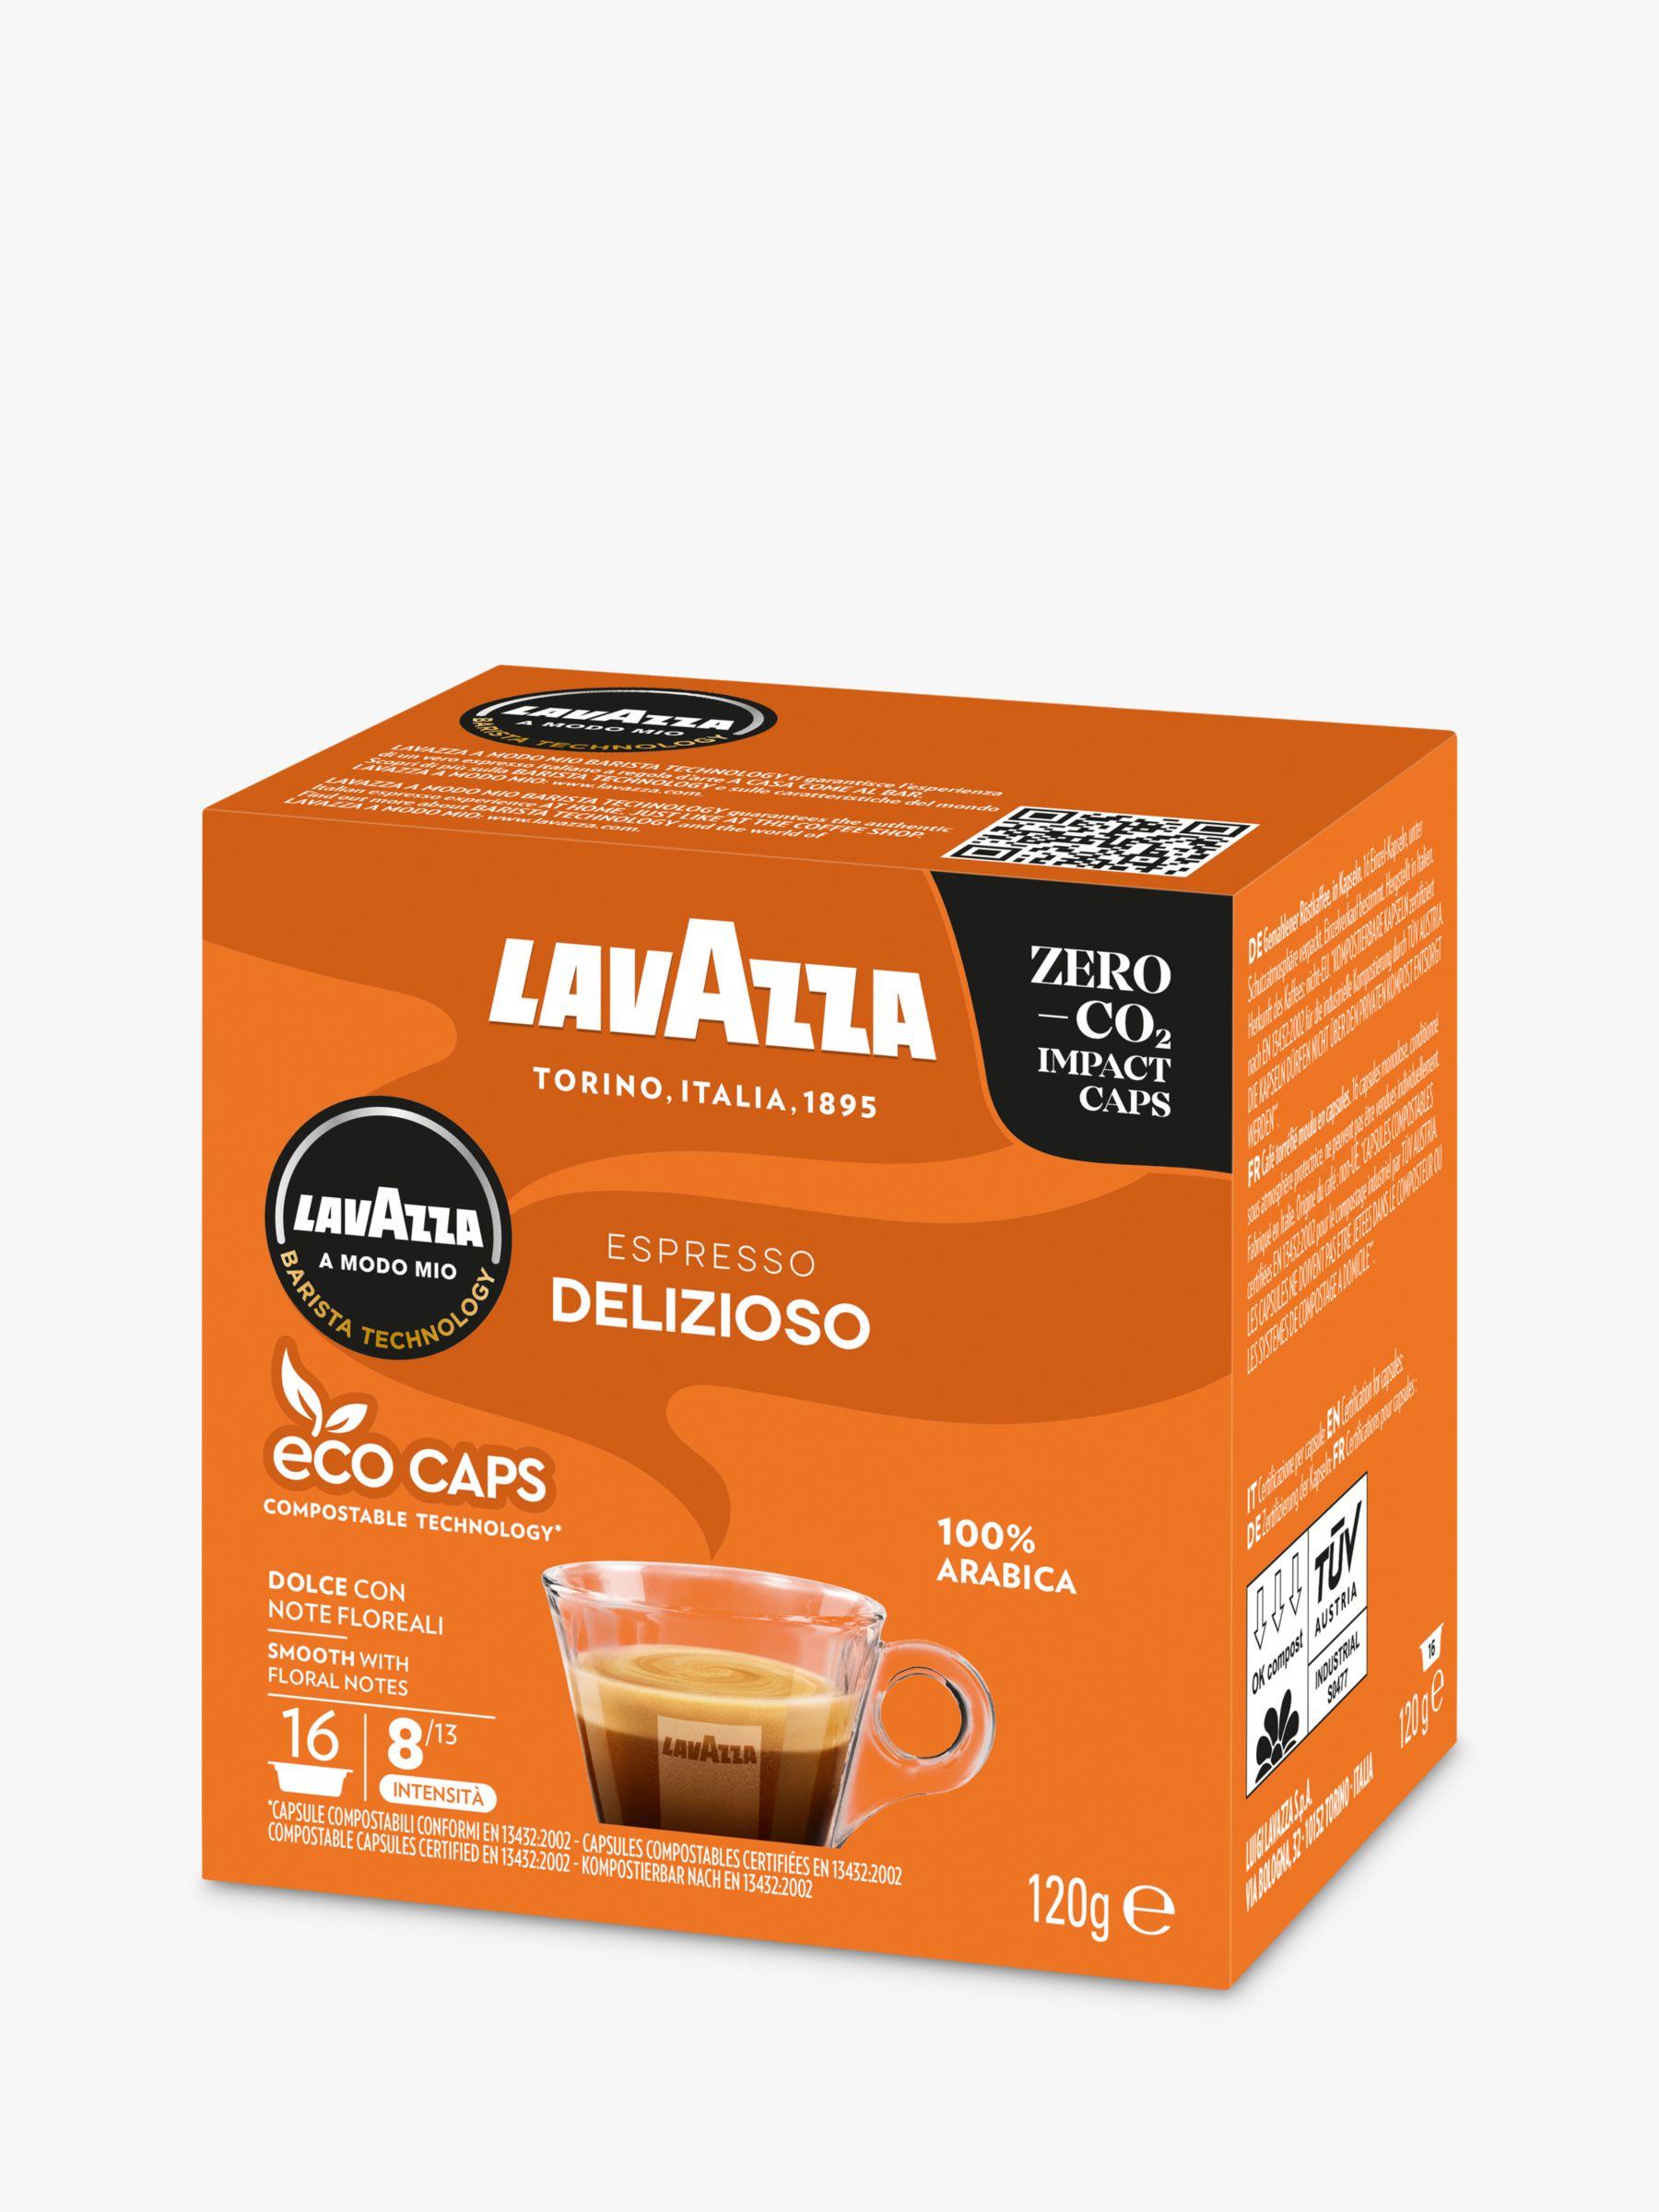 Lavazza Lavazza Delizioso A Modo Mio Espresso Eco Capsules, Pack of 16